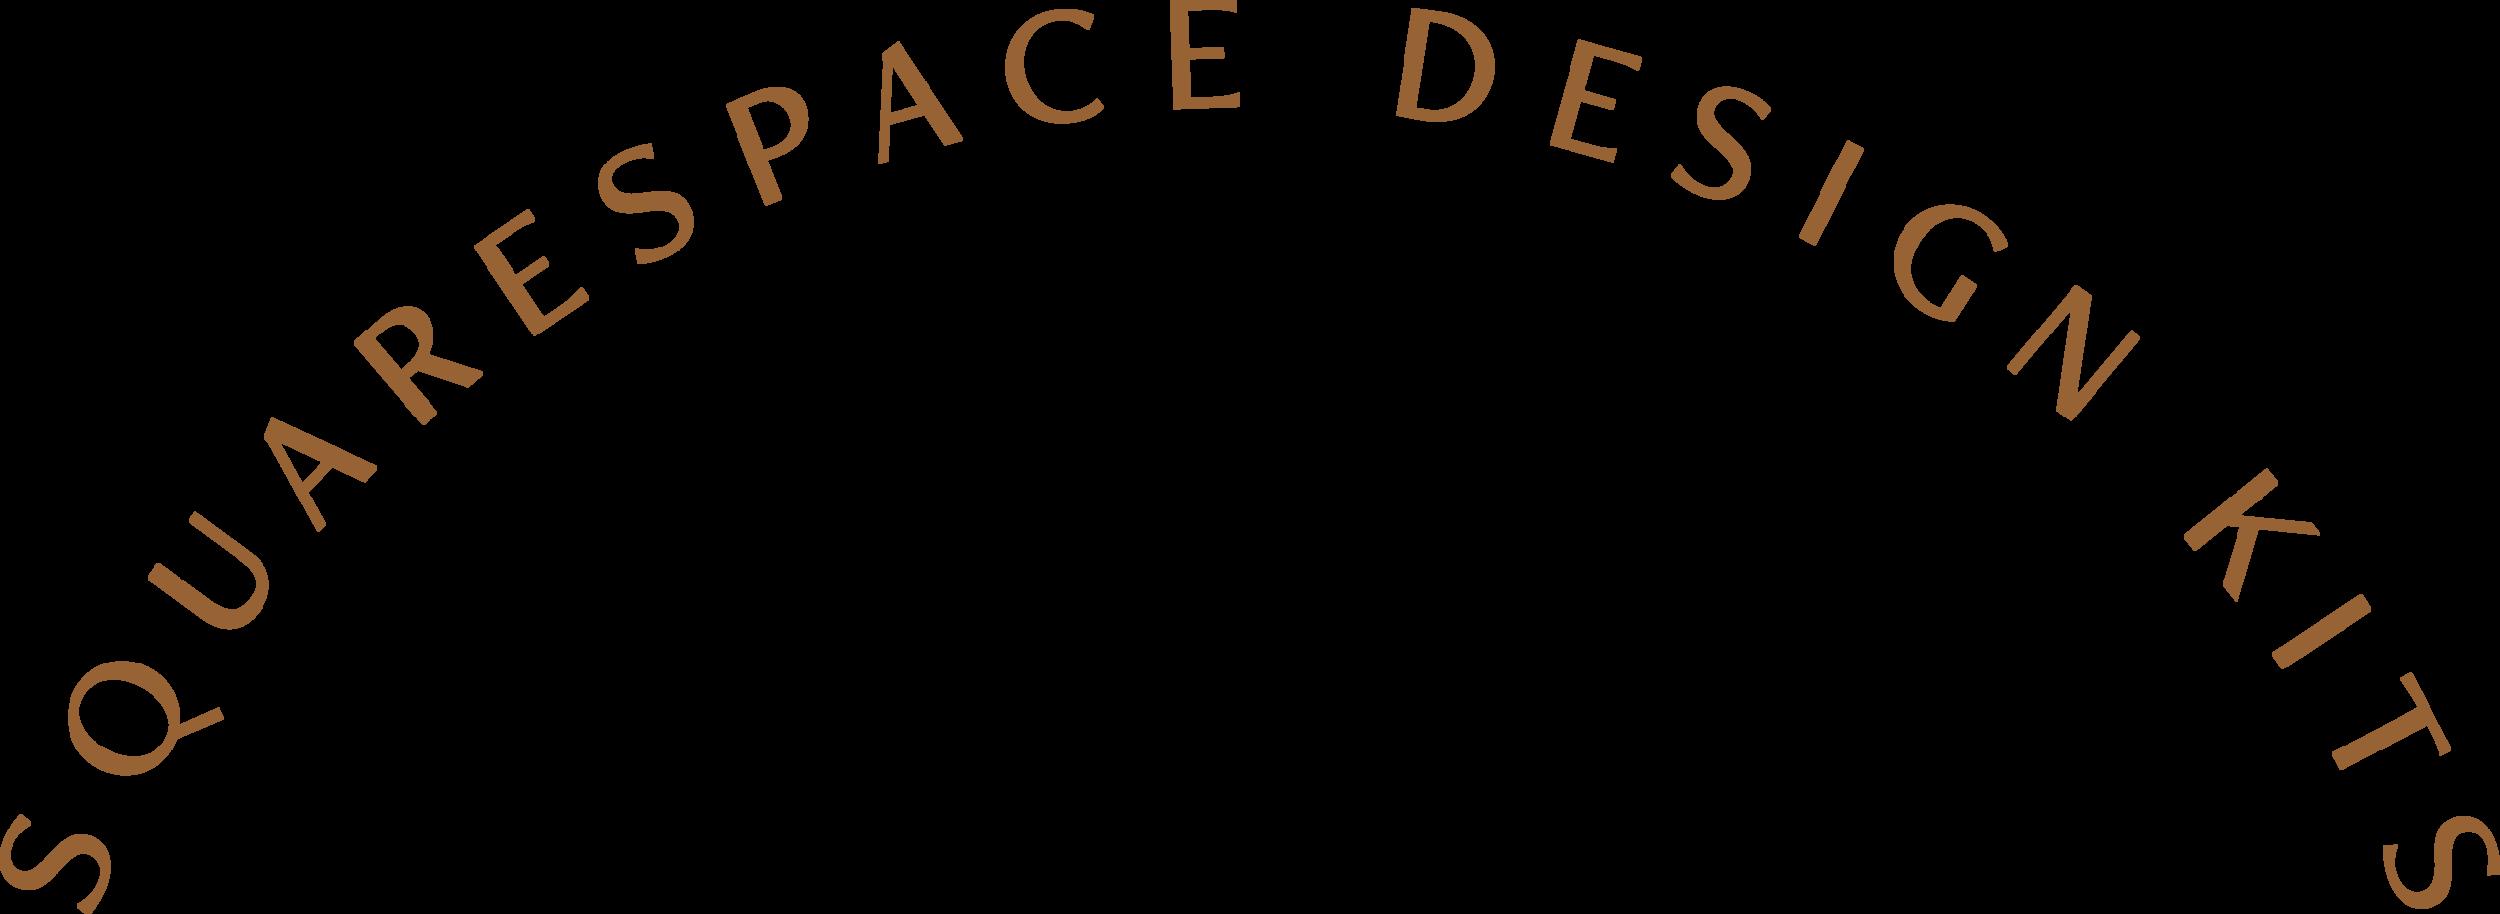 Squarespace Design Kits